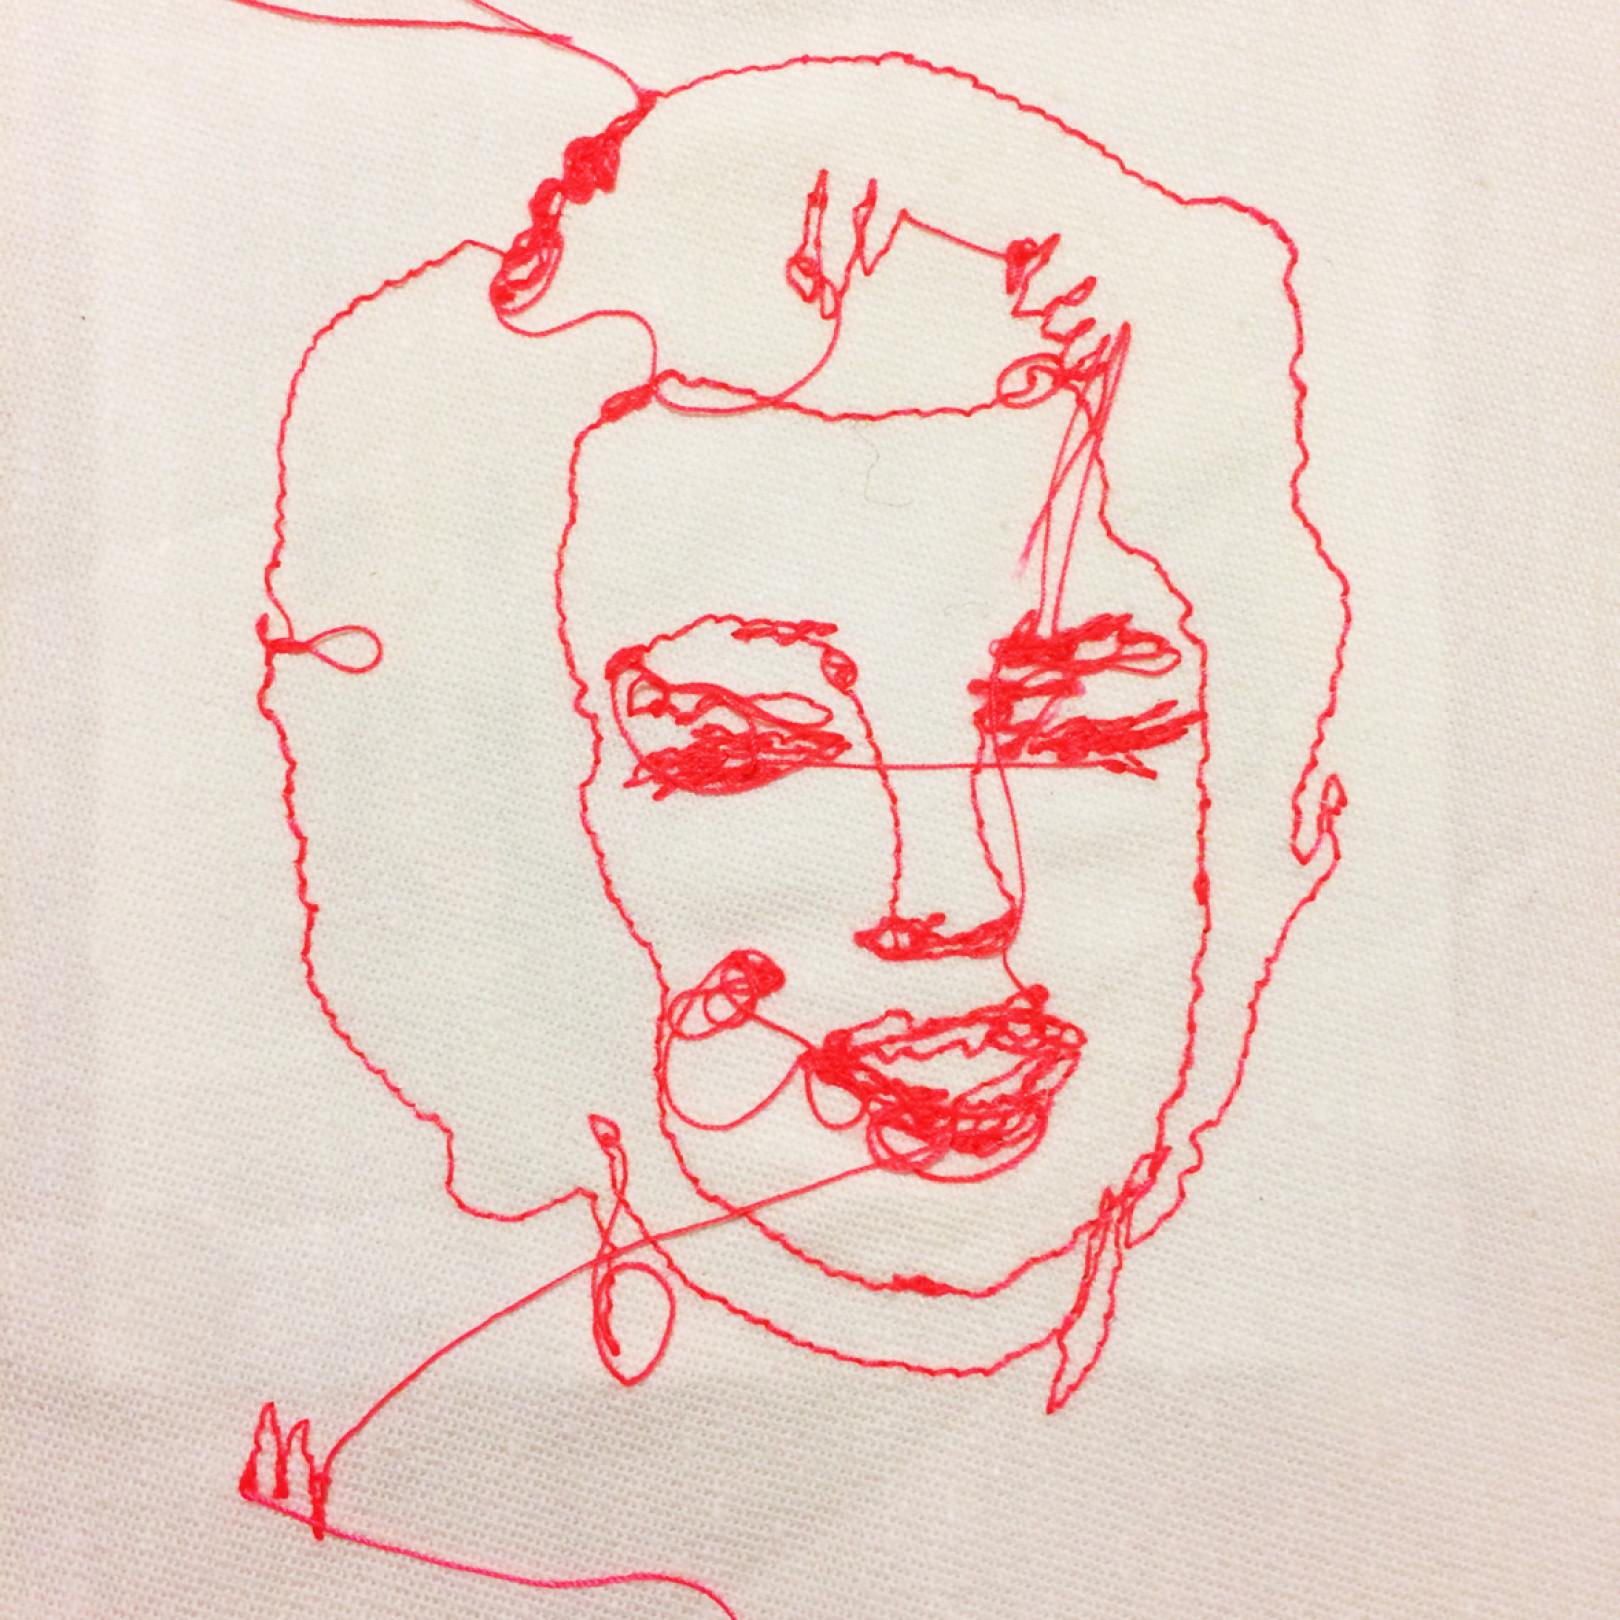 ウォーホル マリリン モンローなど時代のアイコンを刺繍する アーティストmuの個展 Art Culture Fashion Headline